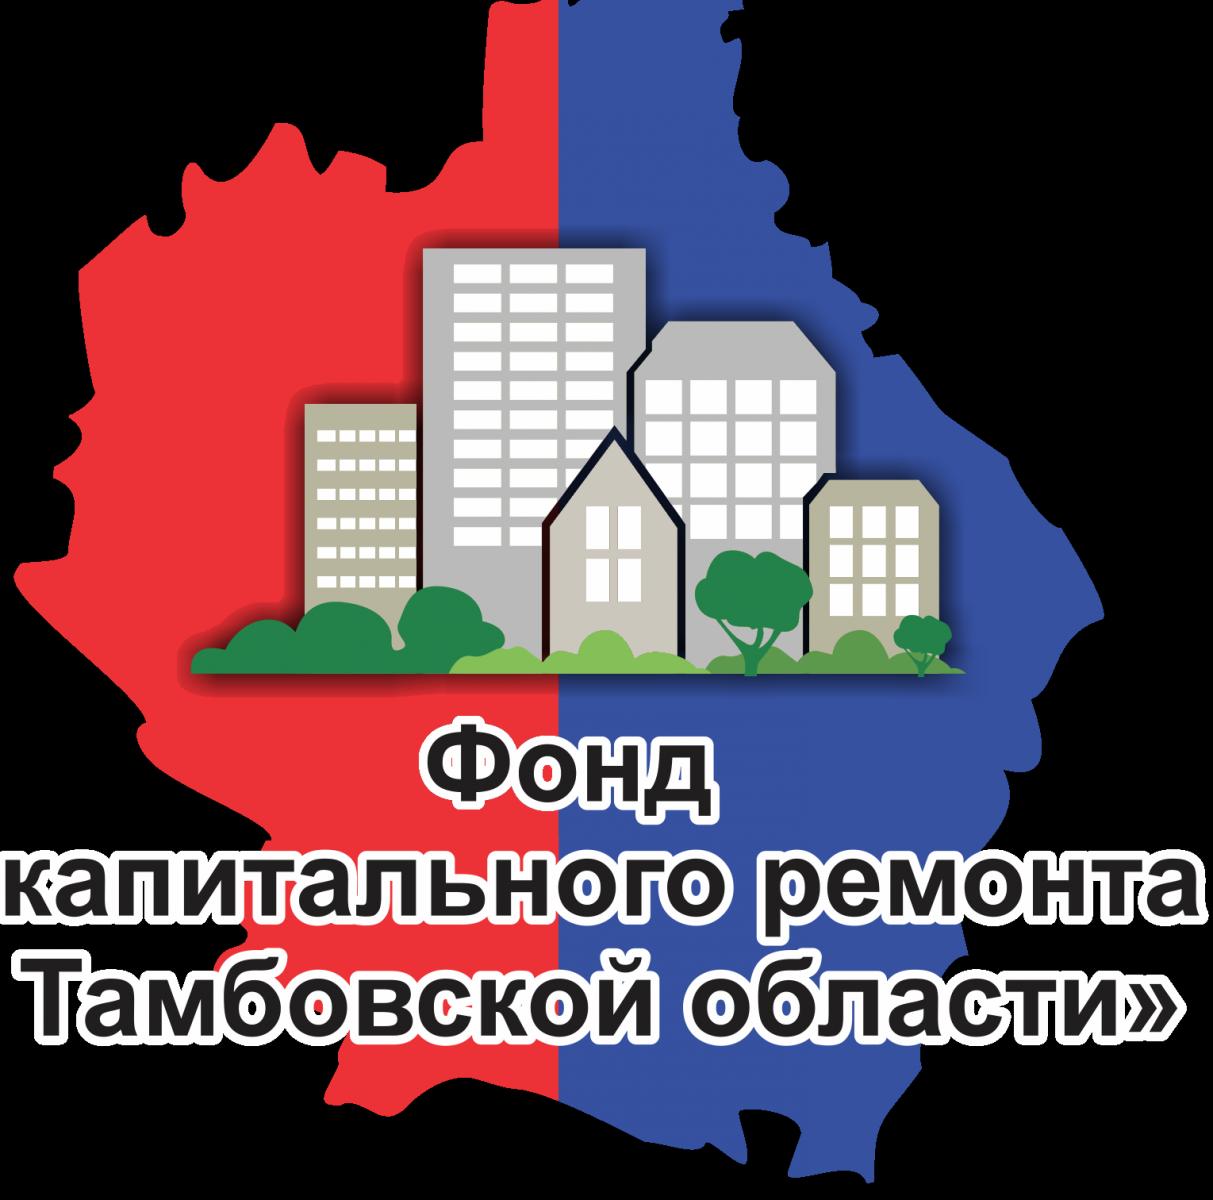 На Тамбовщине обсудили механизмы повышения качества капитального ремонта многоквартирных домов